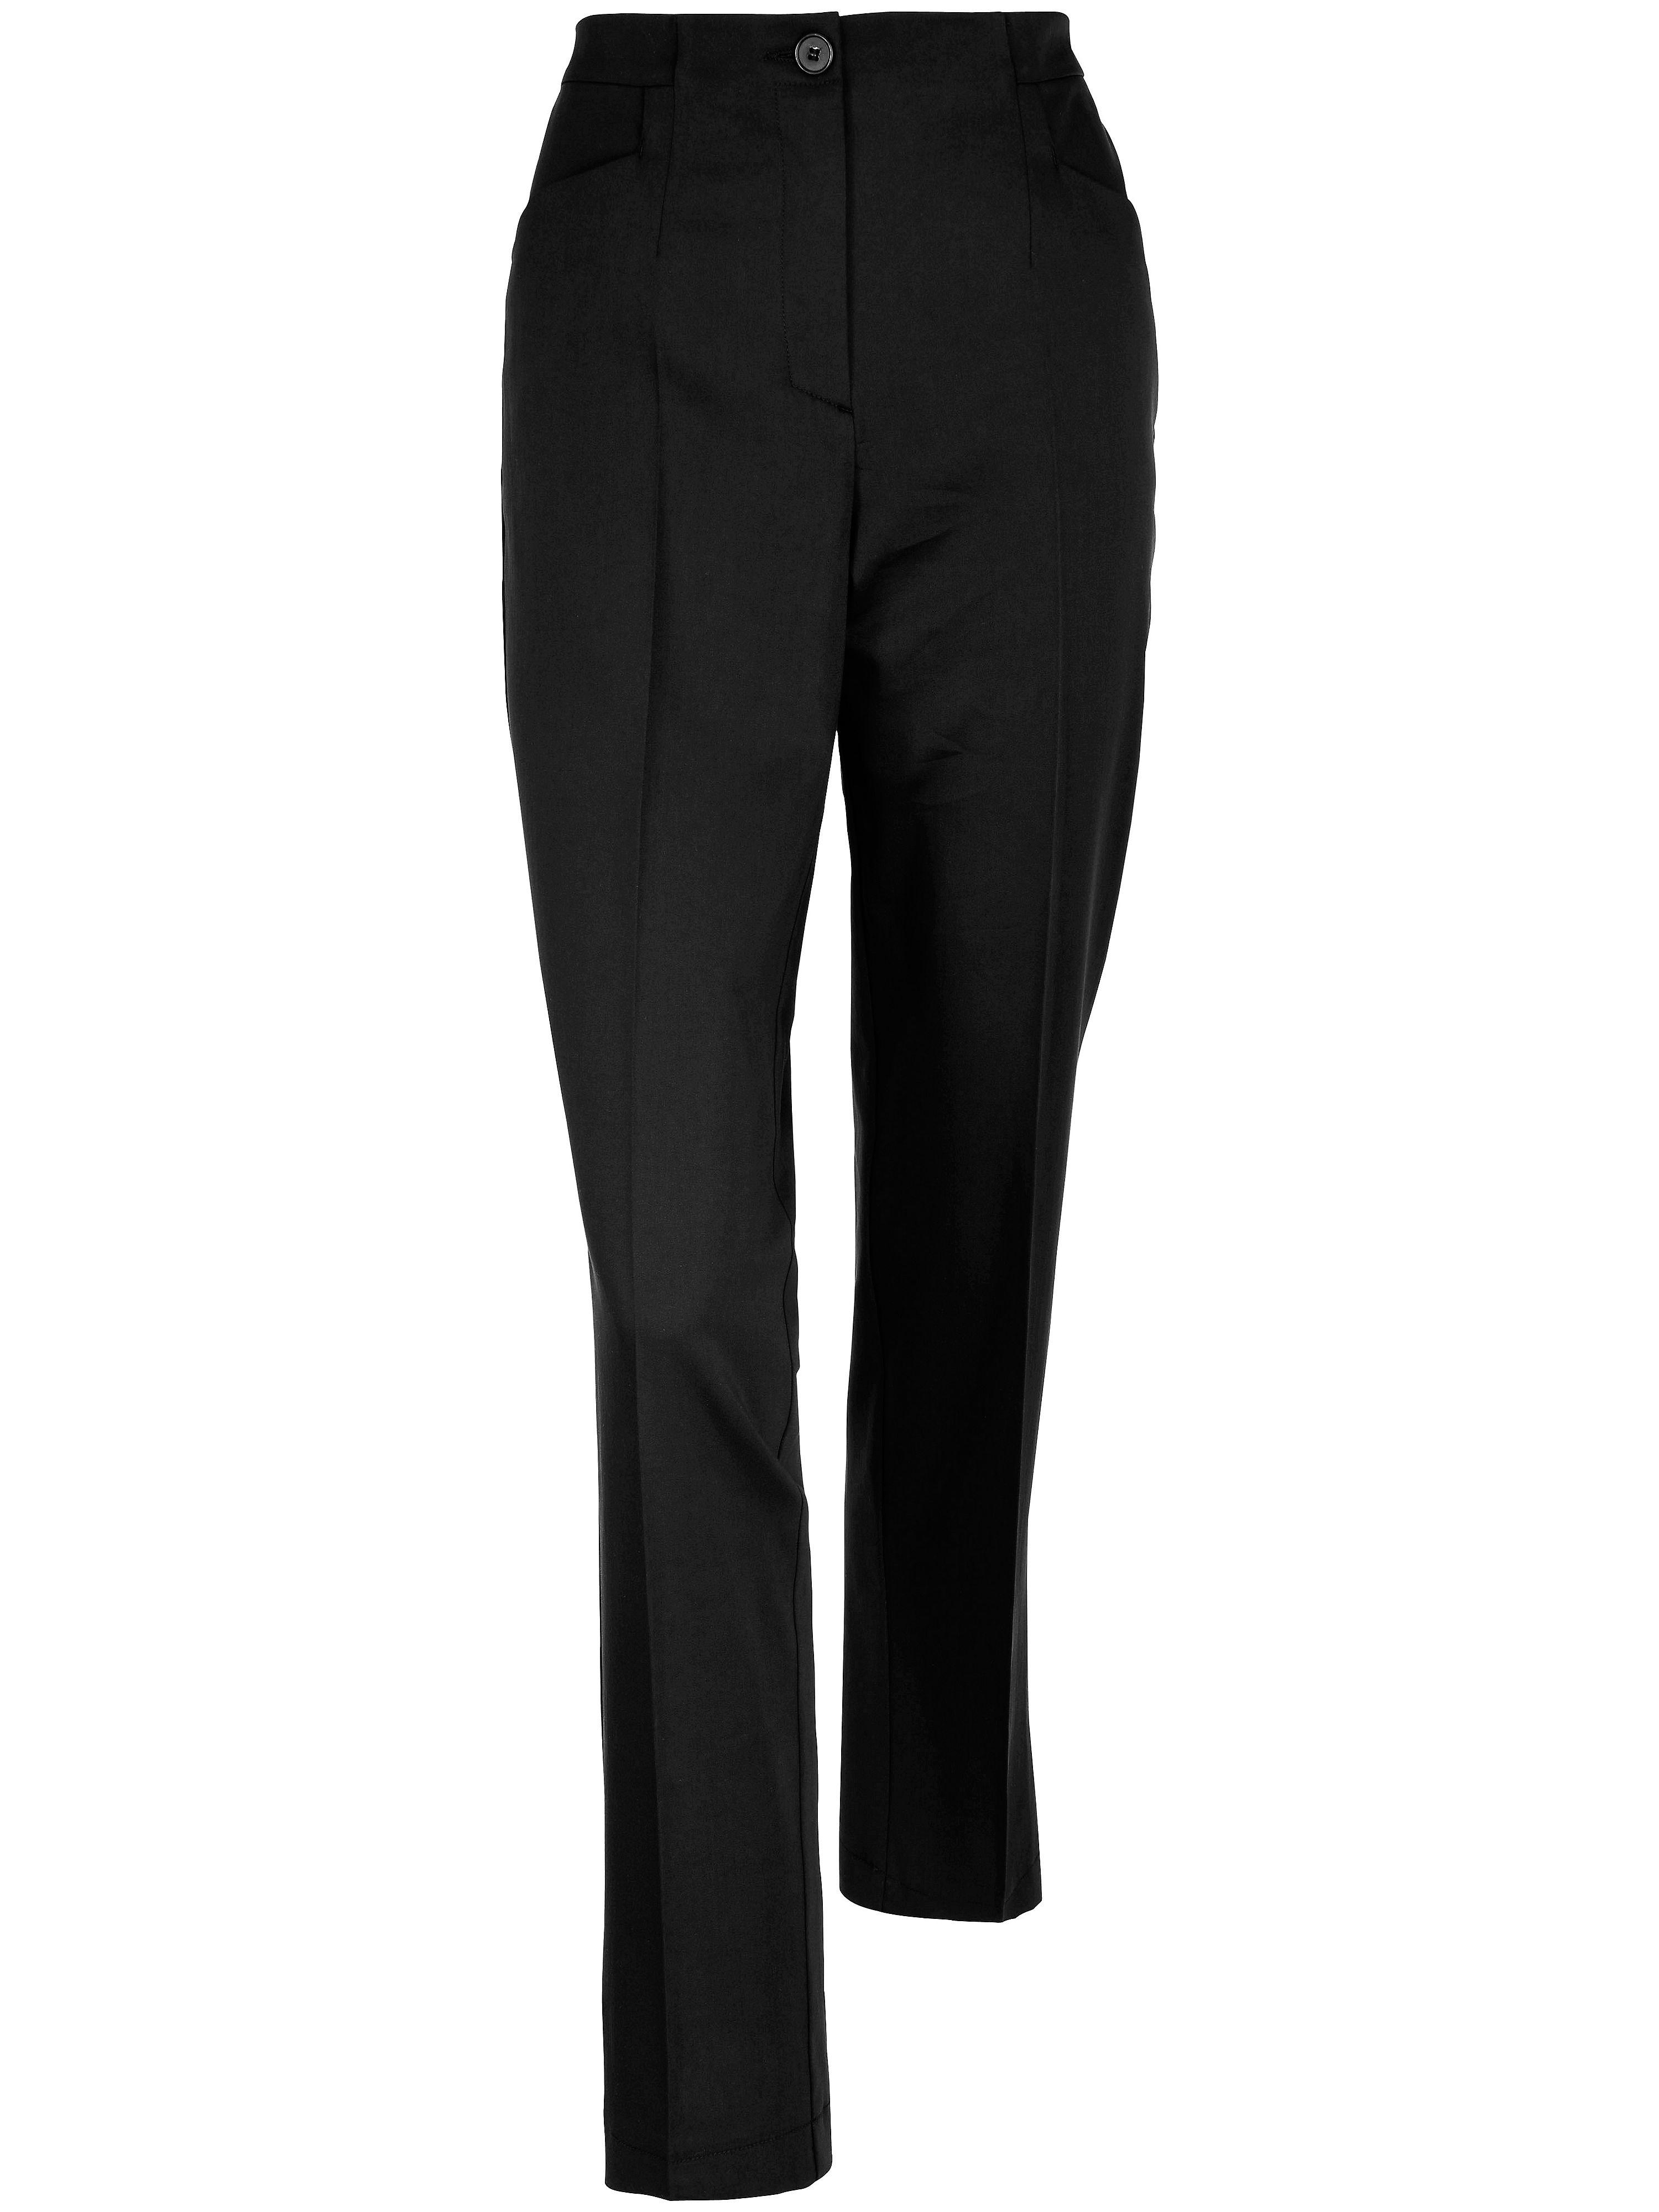 Le pantalon facile d'entretien  Peter Hahn noir taille 25